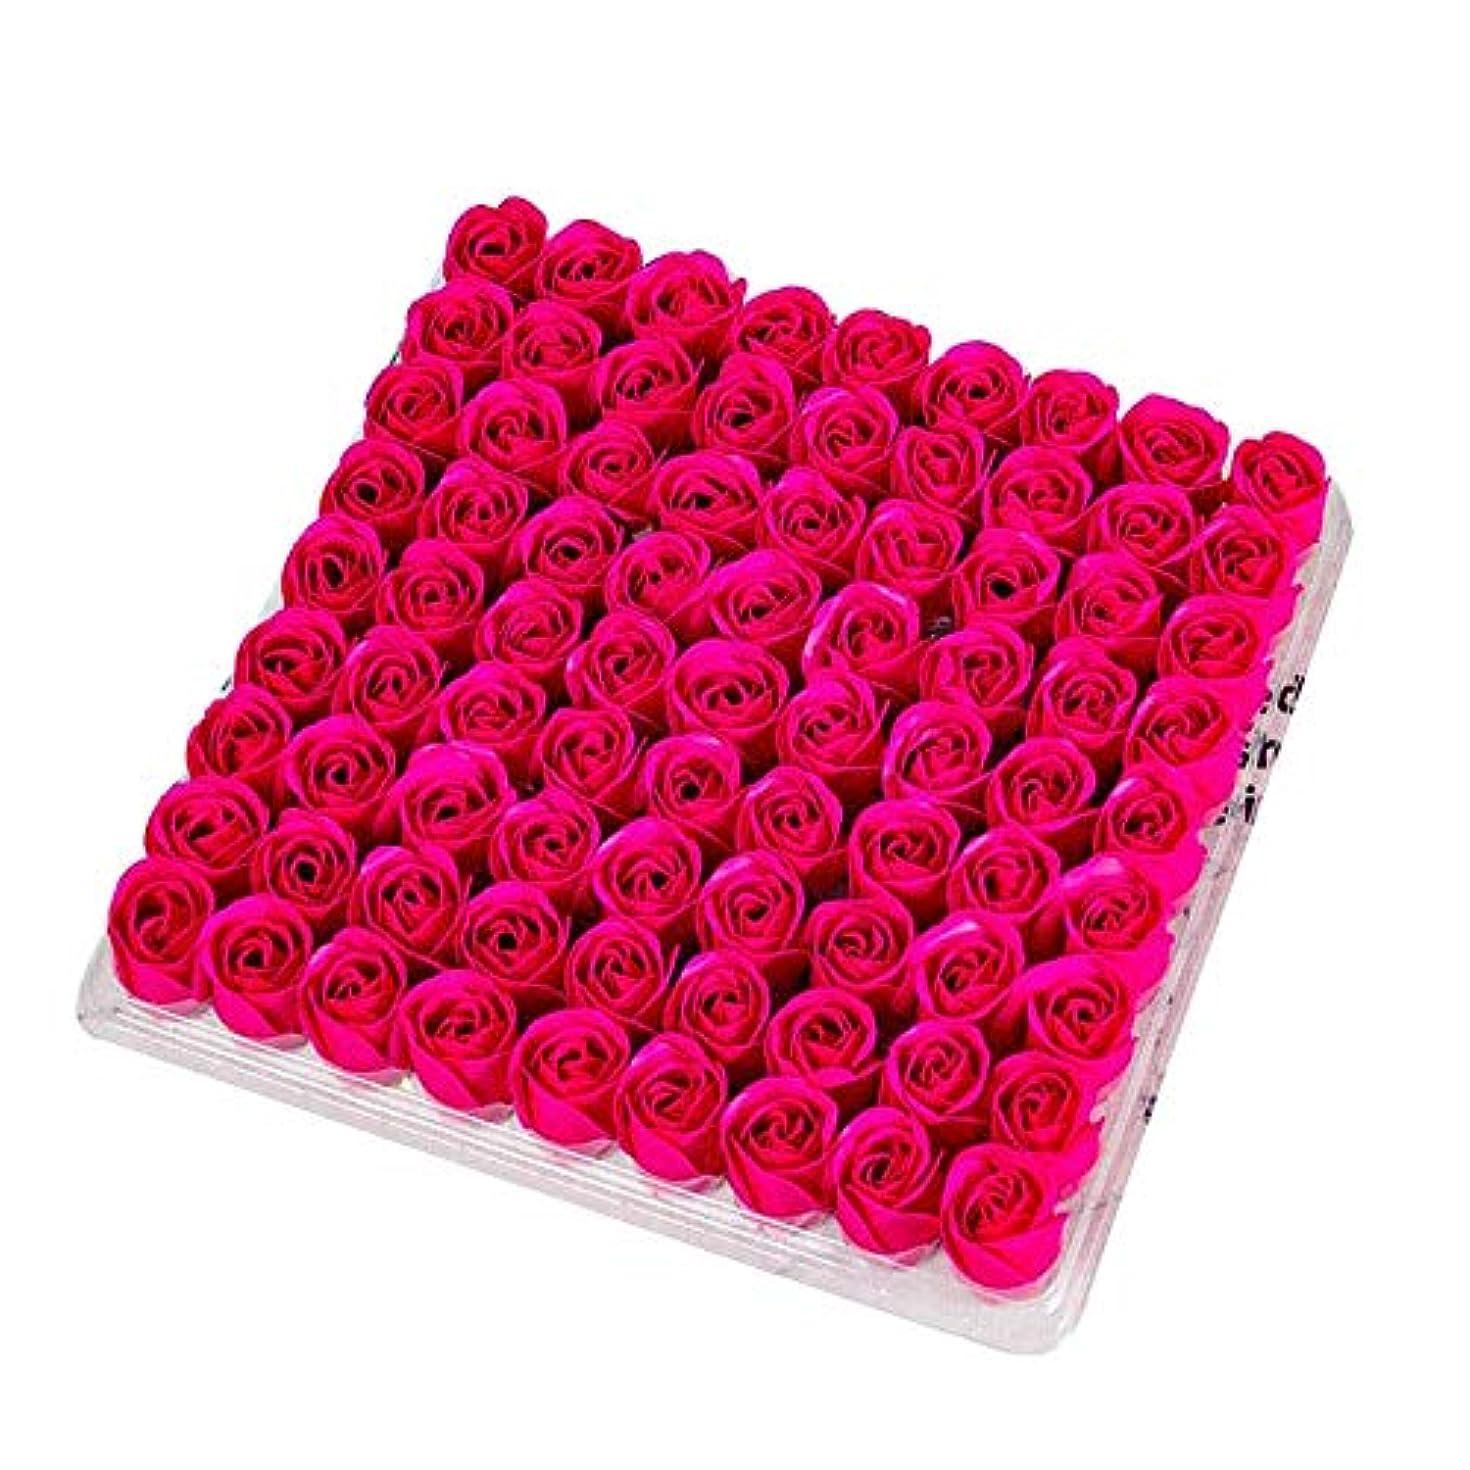 聞きます模倣市民権TOOGOO 81個の薔薇、バス ボディ フラワー?フローラルの石けん 香りのよいローズフラワー エッセンシャルオイル フローラルのお客様への石鹸 ウェディング、パーティー、バレンタインデーの贈り物、薔薇、ローズレッド